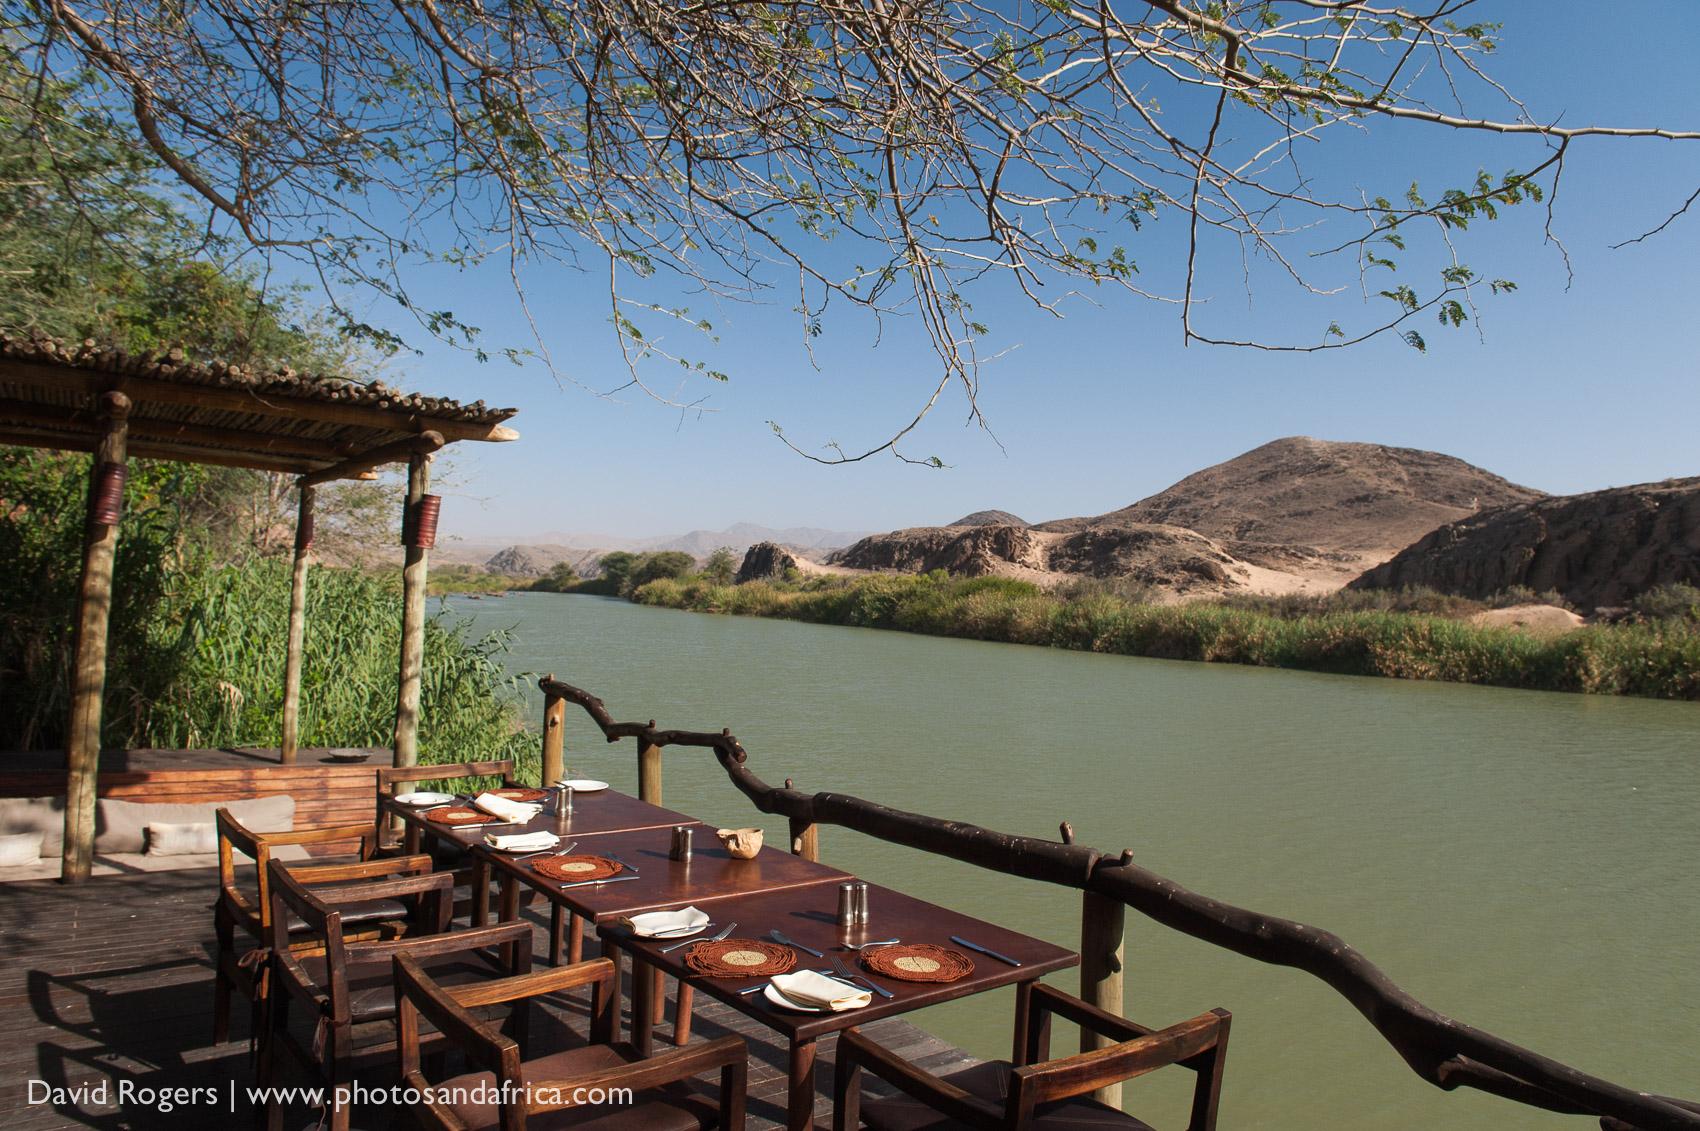 201211_Namibia_1537